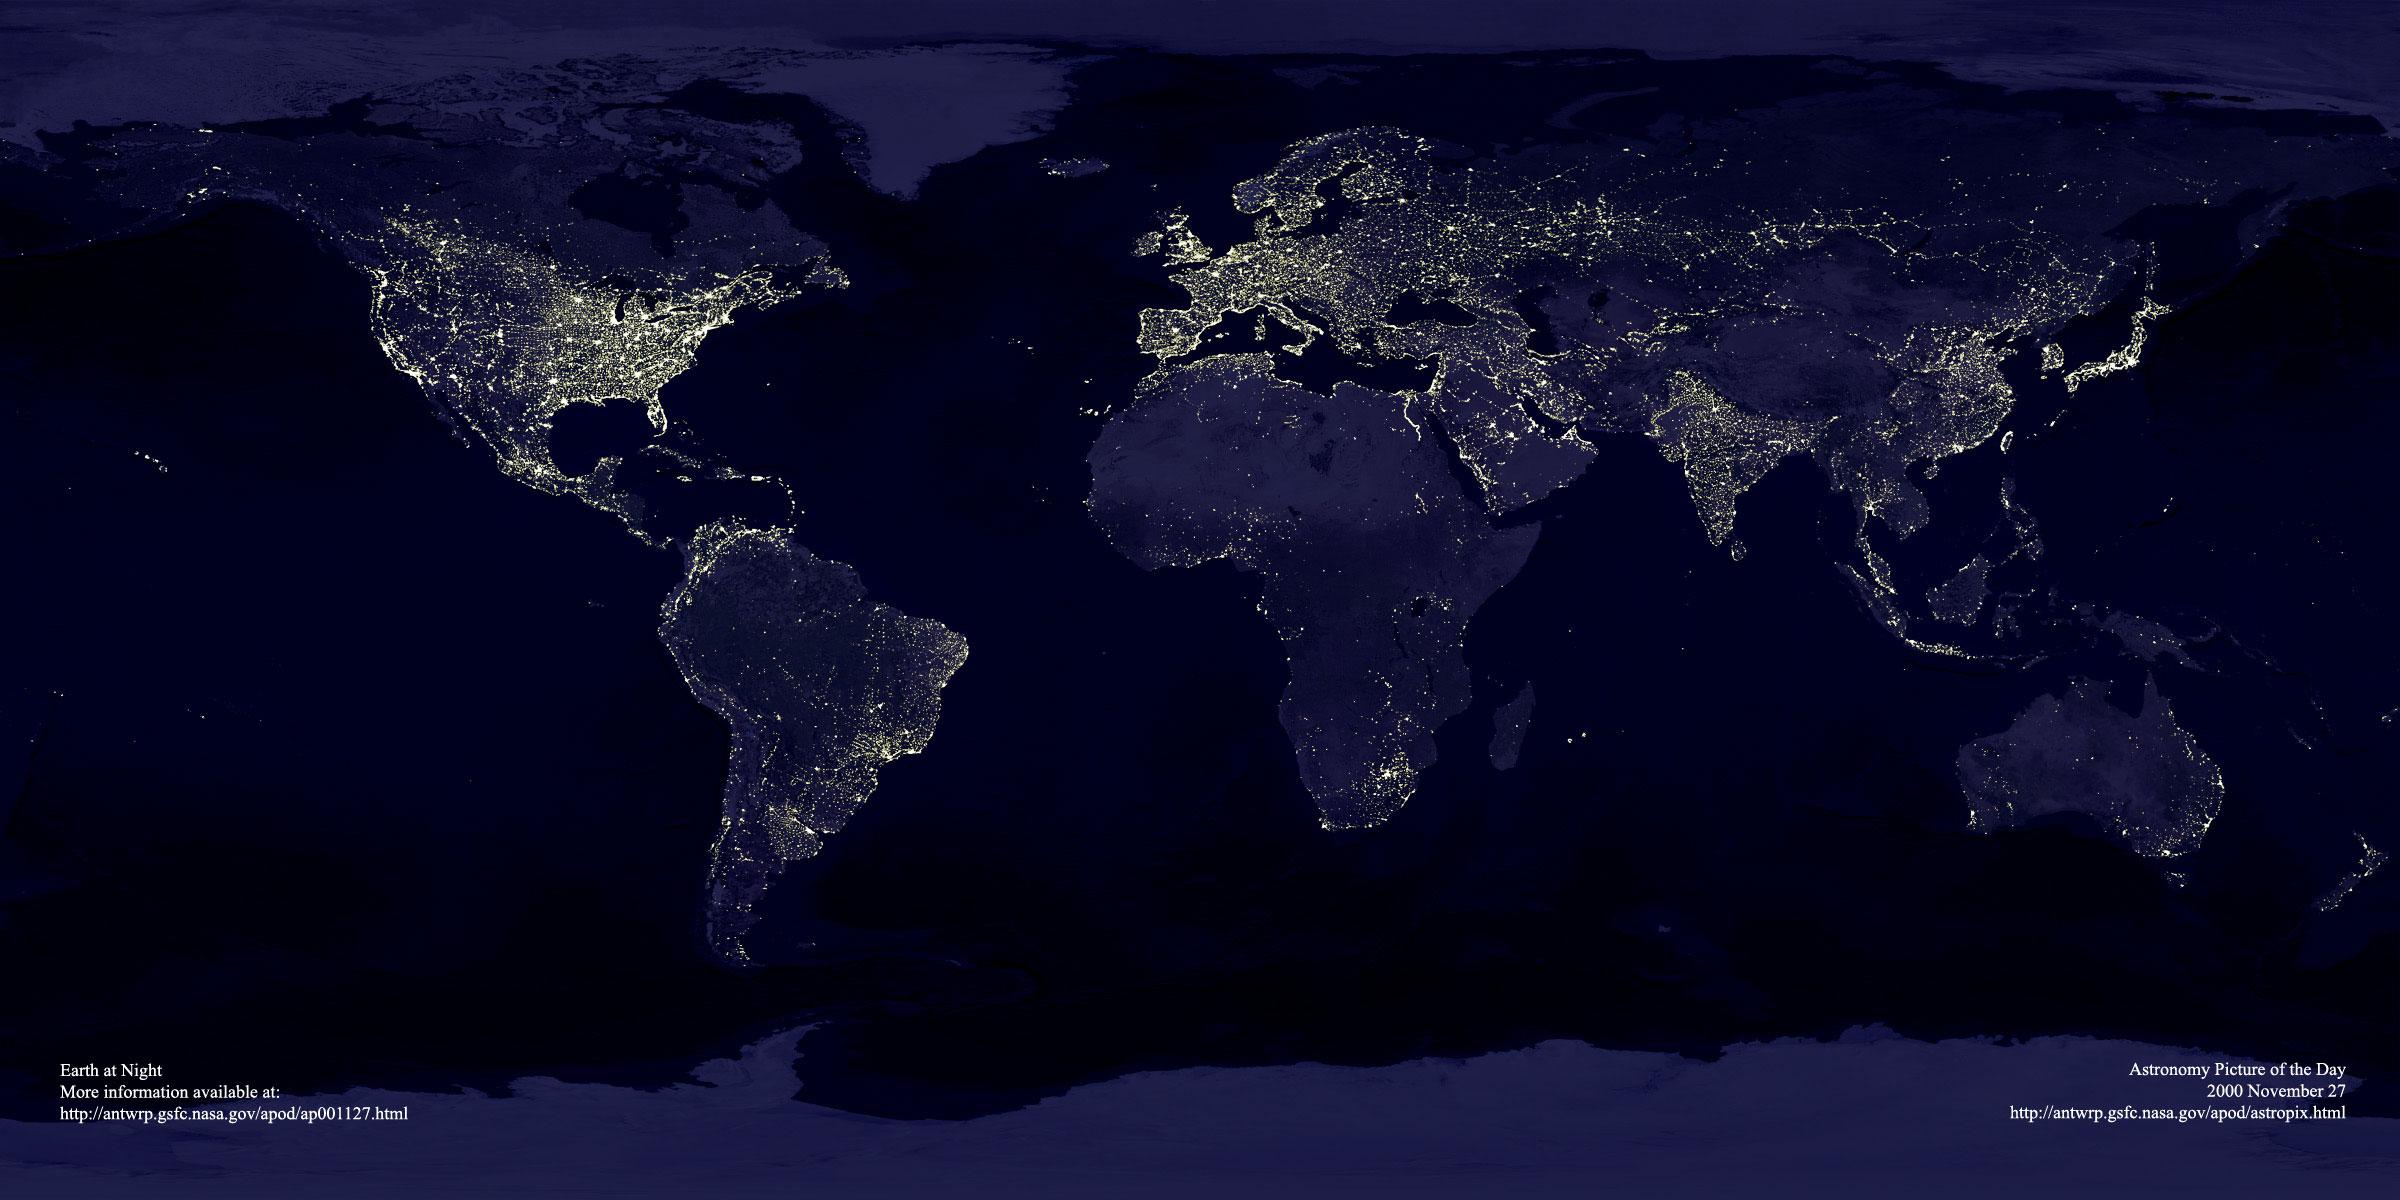 Les lumières de la Terre, NASA